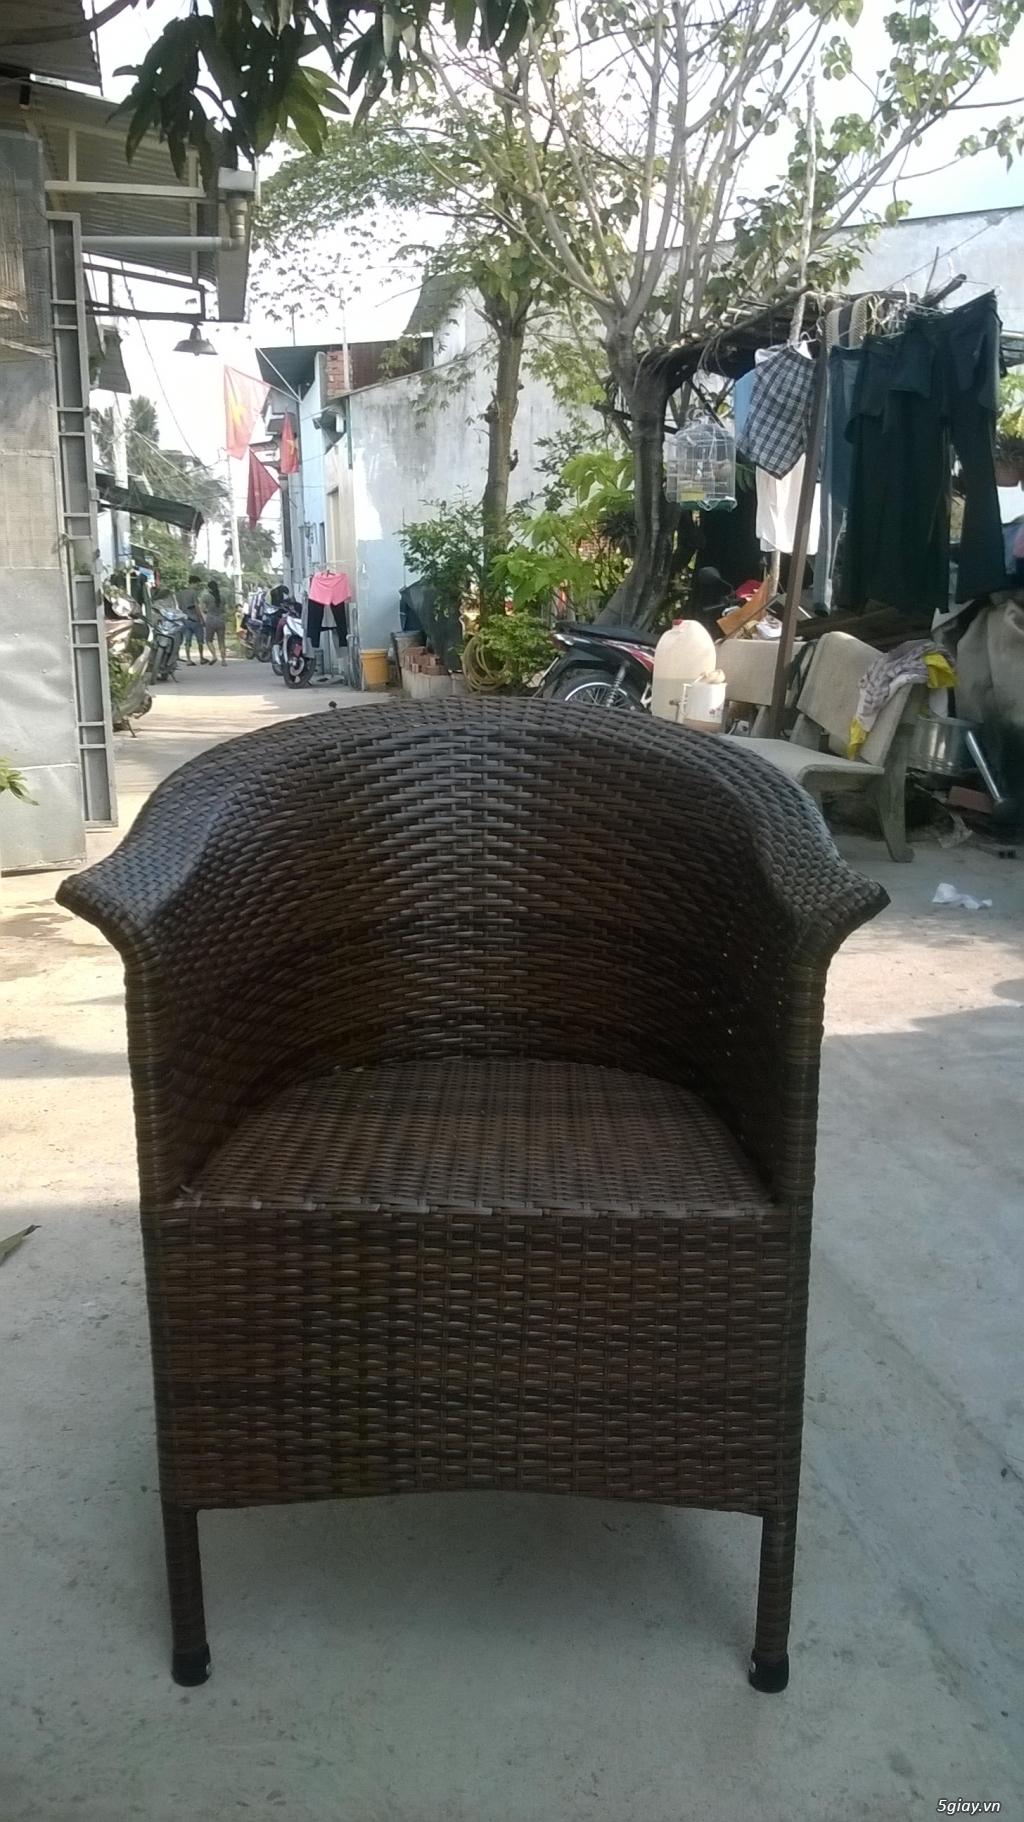 Dịch vụ sữa chữa mua bán bành ghế nhựa giả mây giá rẻ thành phố hồ chí - 9